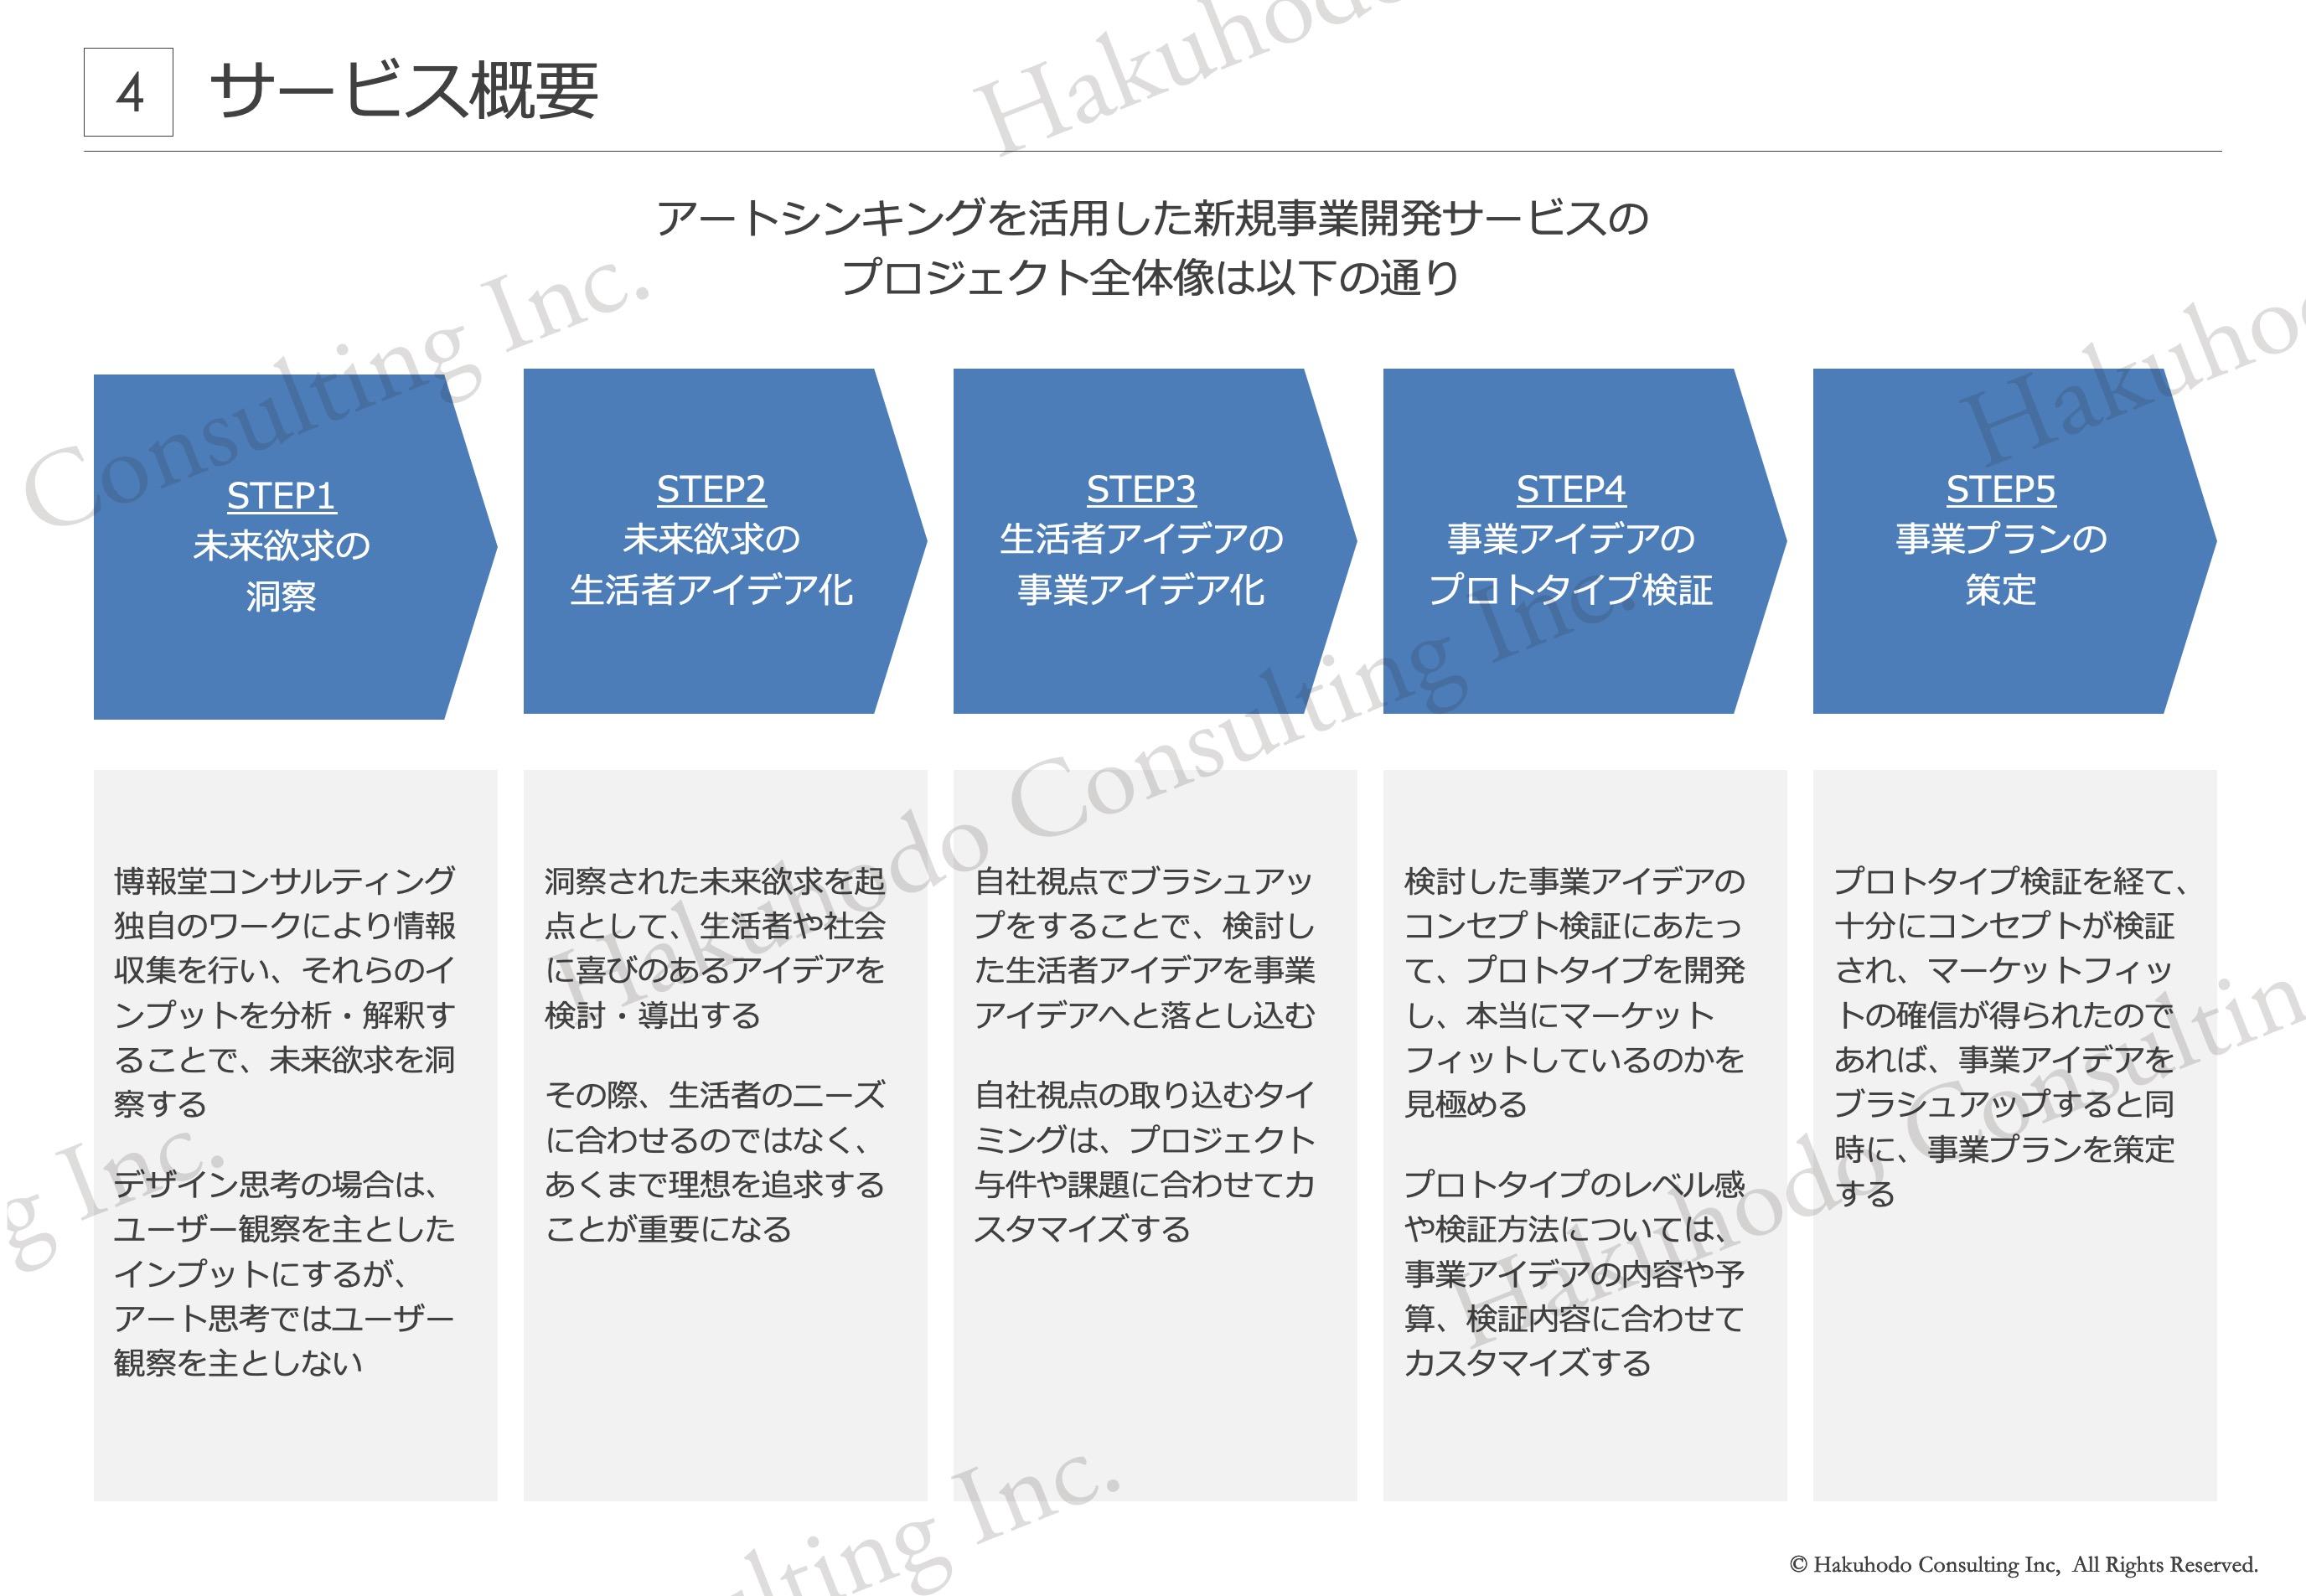 アートシンキングを活用した新規事業開発サービスのプロジェクト全体像